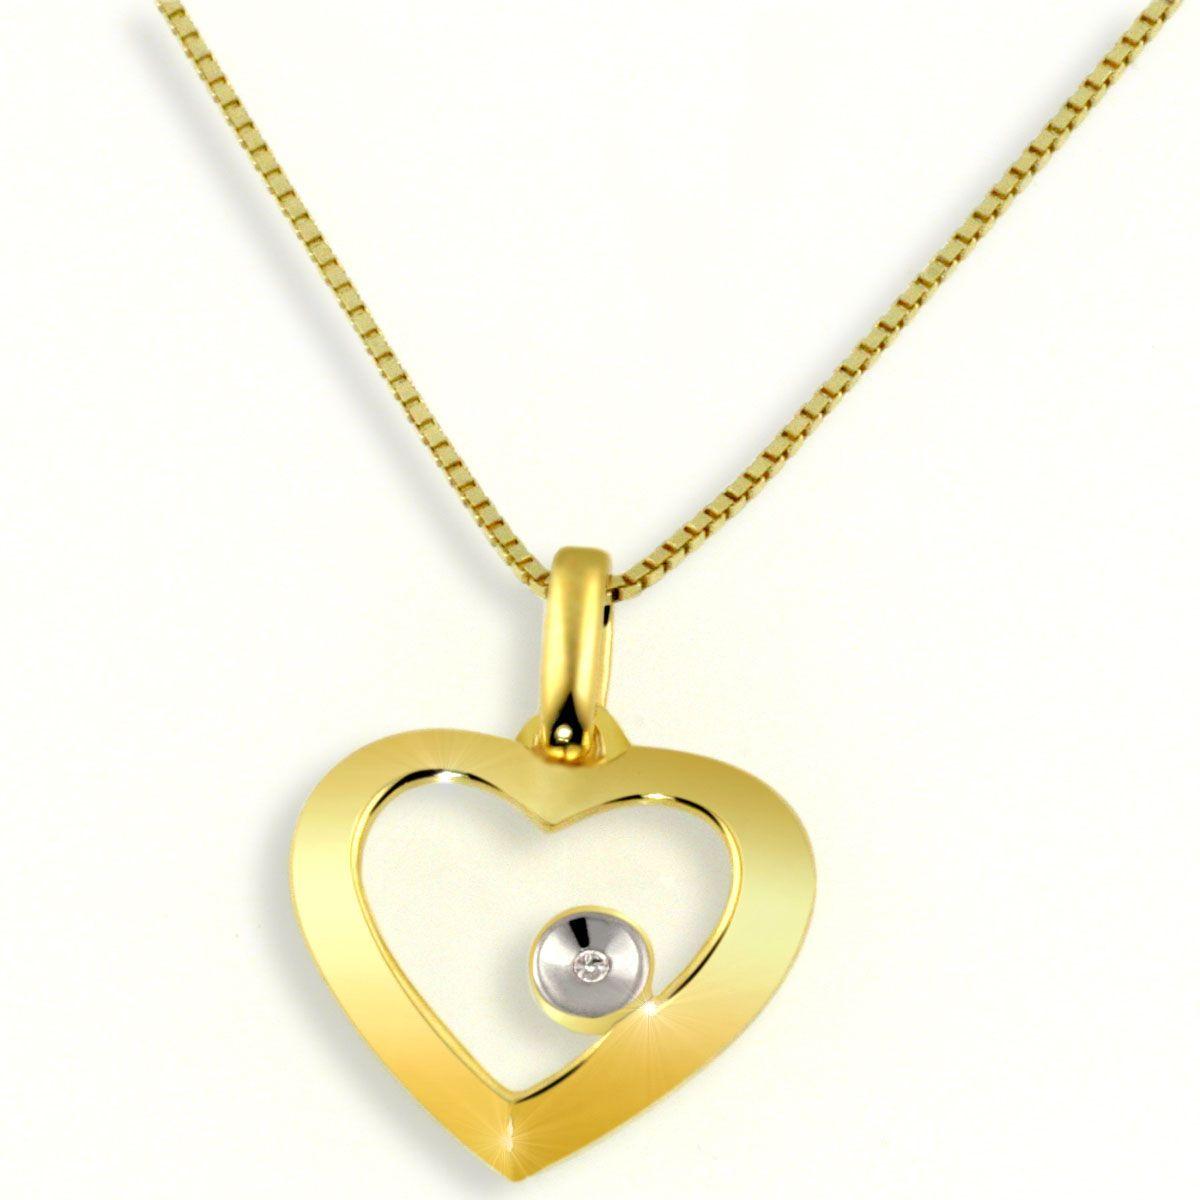 AVERDIN Averdin Collier Gelbgold 585/- Herz mit Diamant